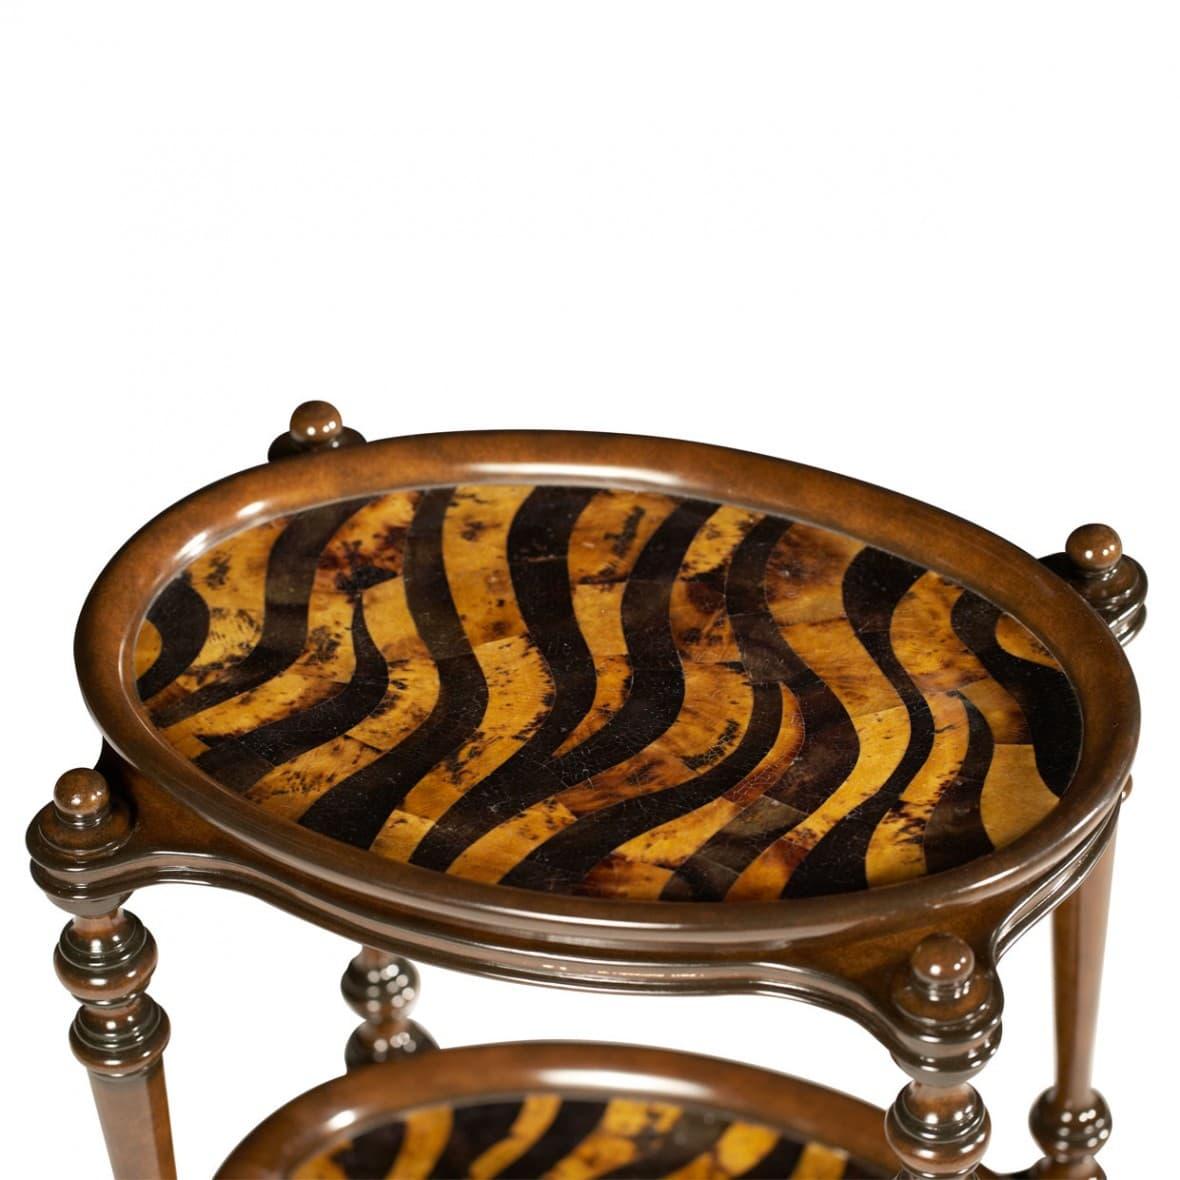 Декоративный столик Зебра, 2 уровня подносов